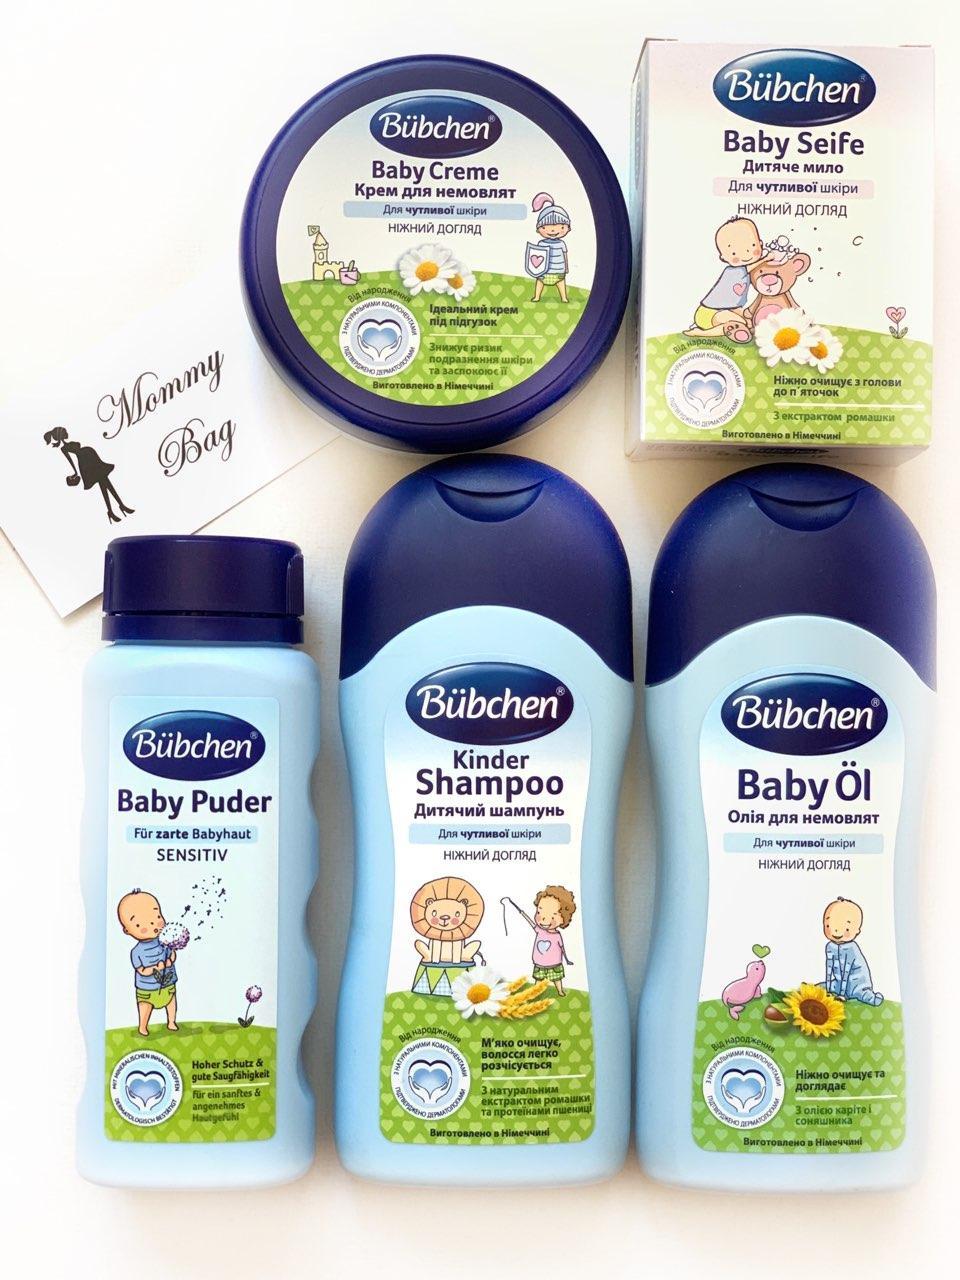 Набор для младенцев Bubchen Maxi (5 единиц)